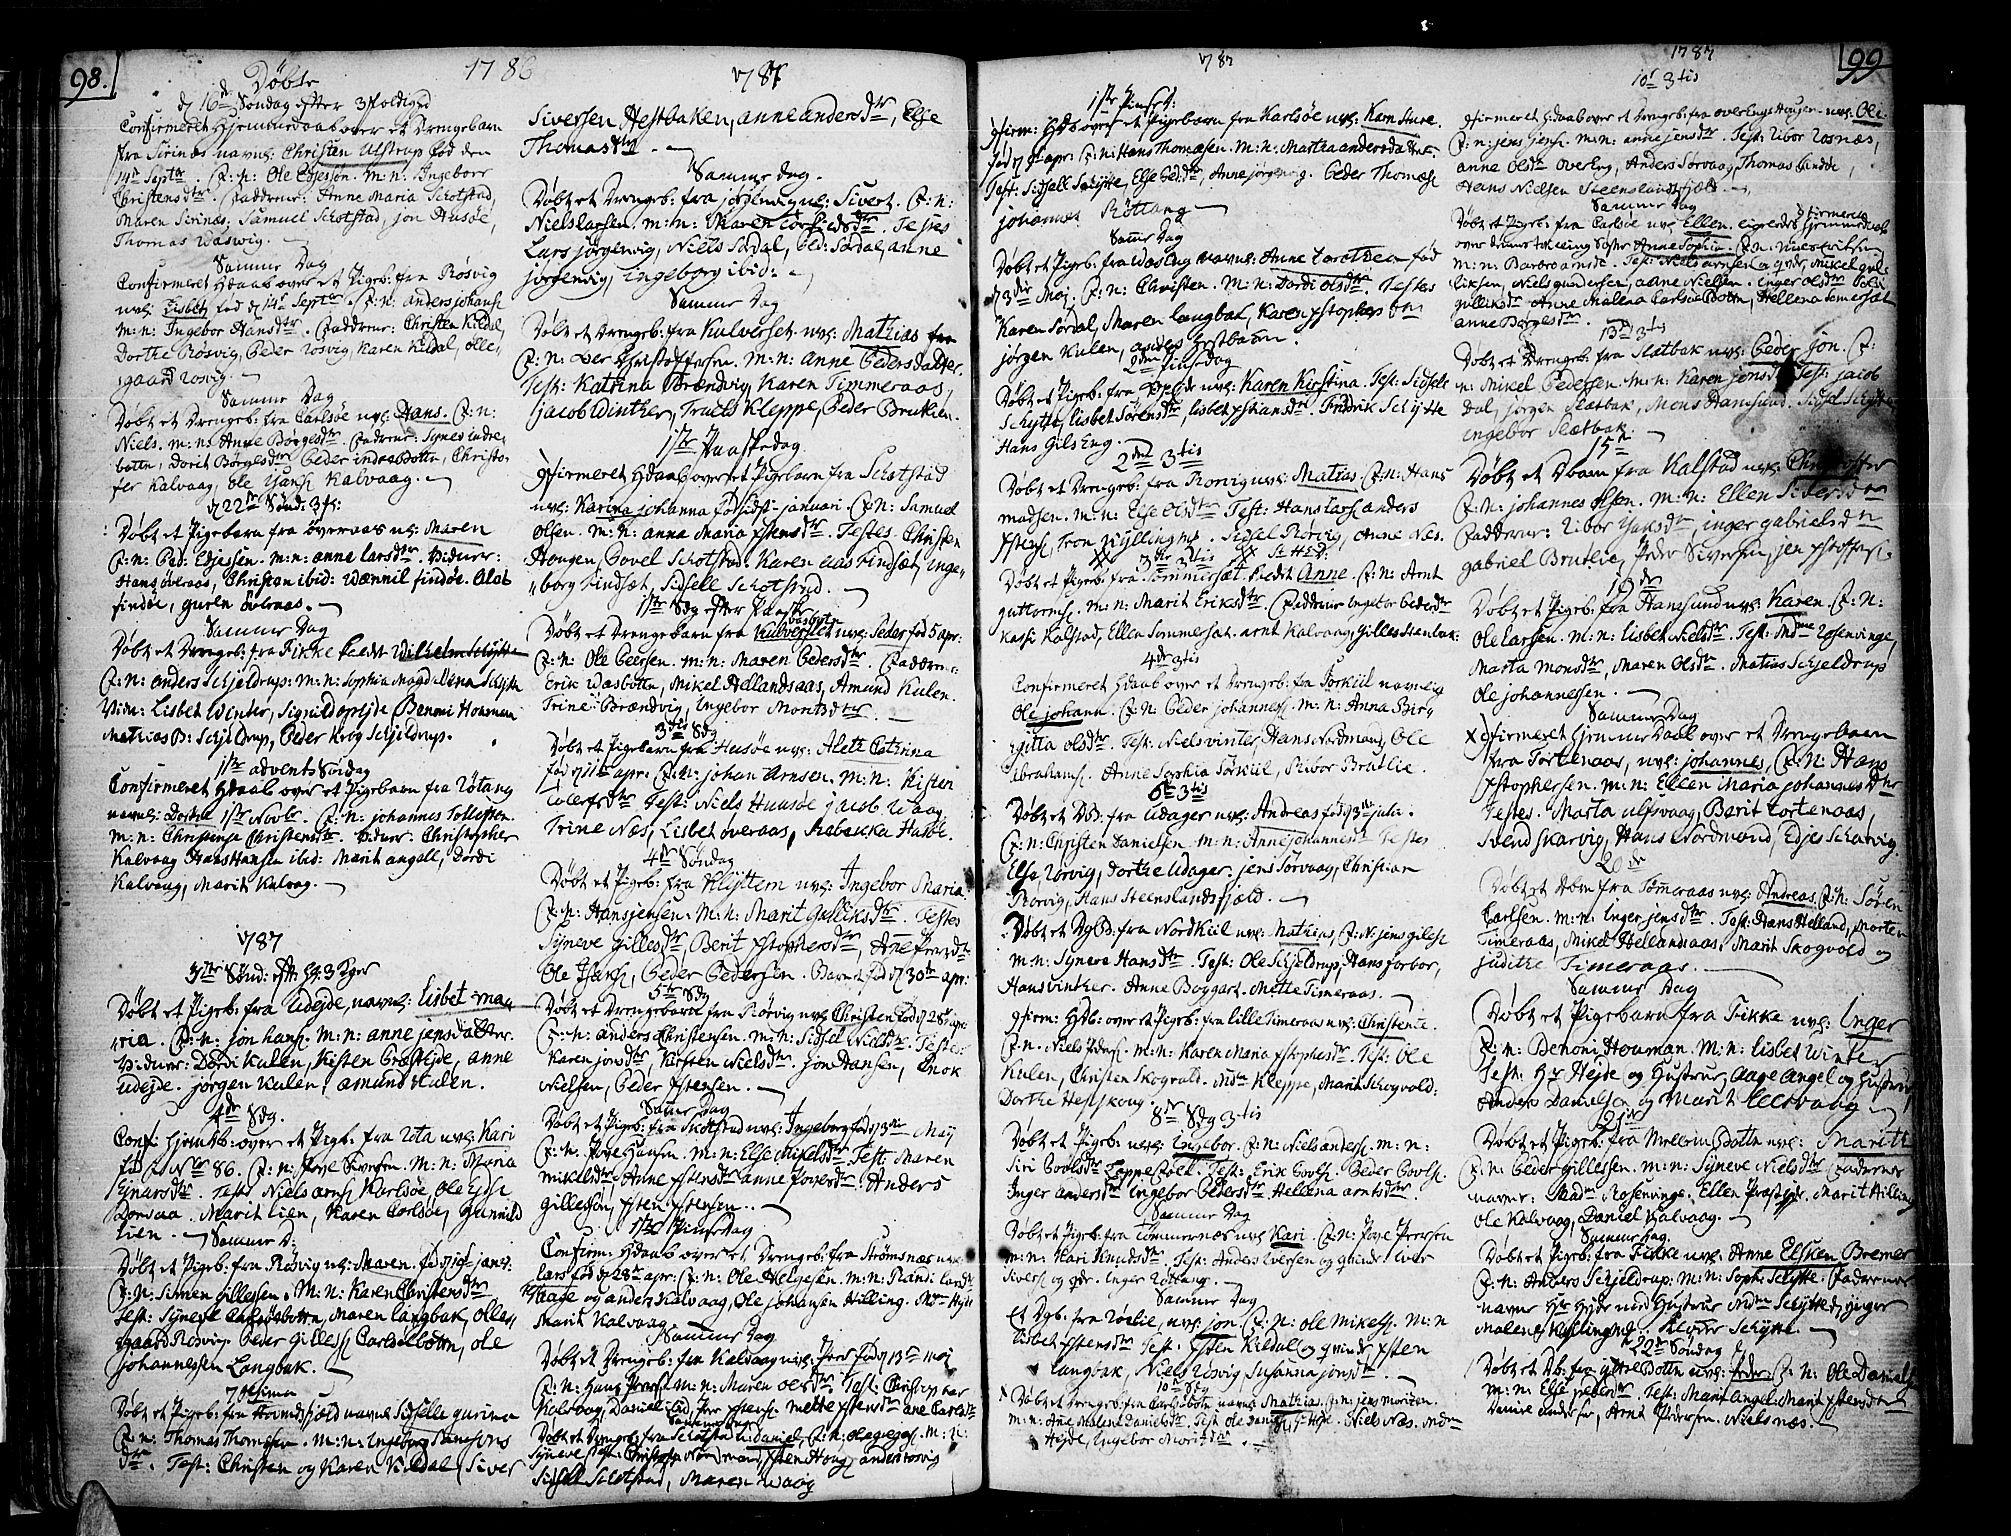 SAT, Ministerialprotokoller, klokkerbøker og fødselsregistre - Nordland, 859/L0841: Parish register (official) no. 859A01, 1766-1821, p. 98-99